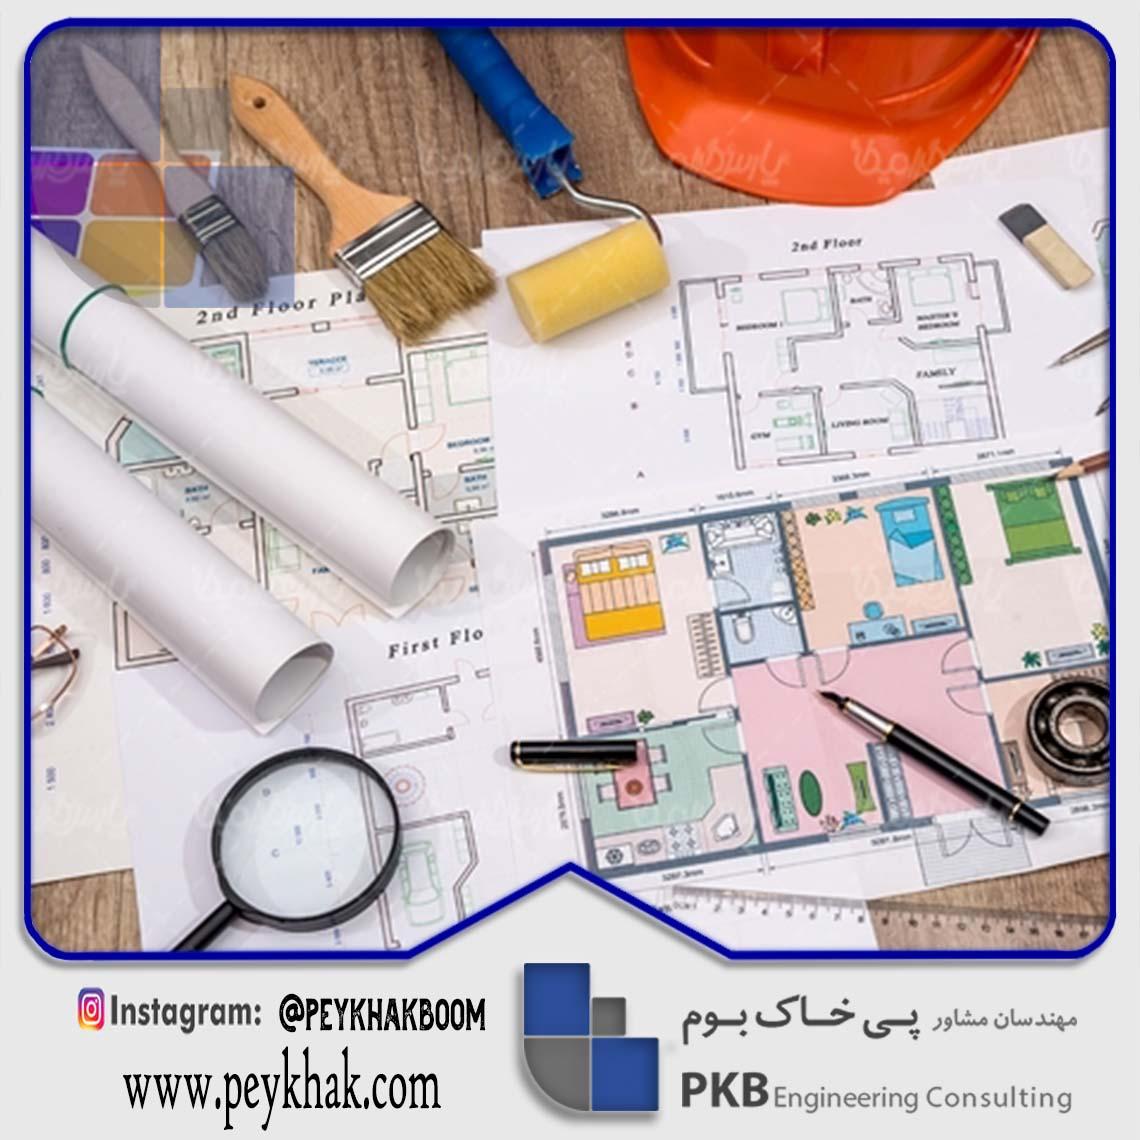 نقشه هایی که معماران و طراحان موفق انجام میدهند